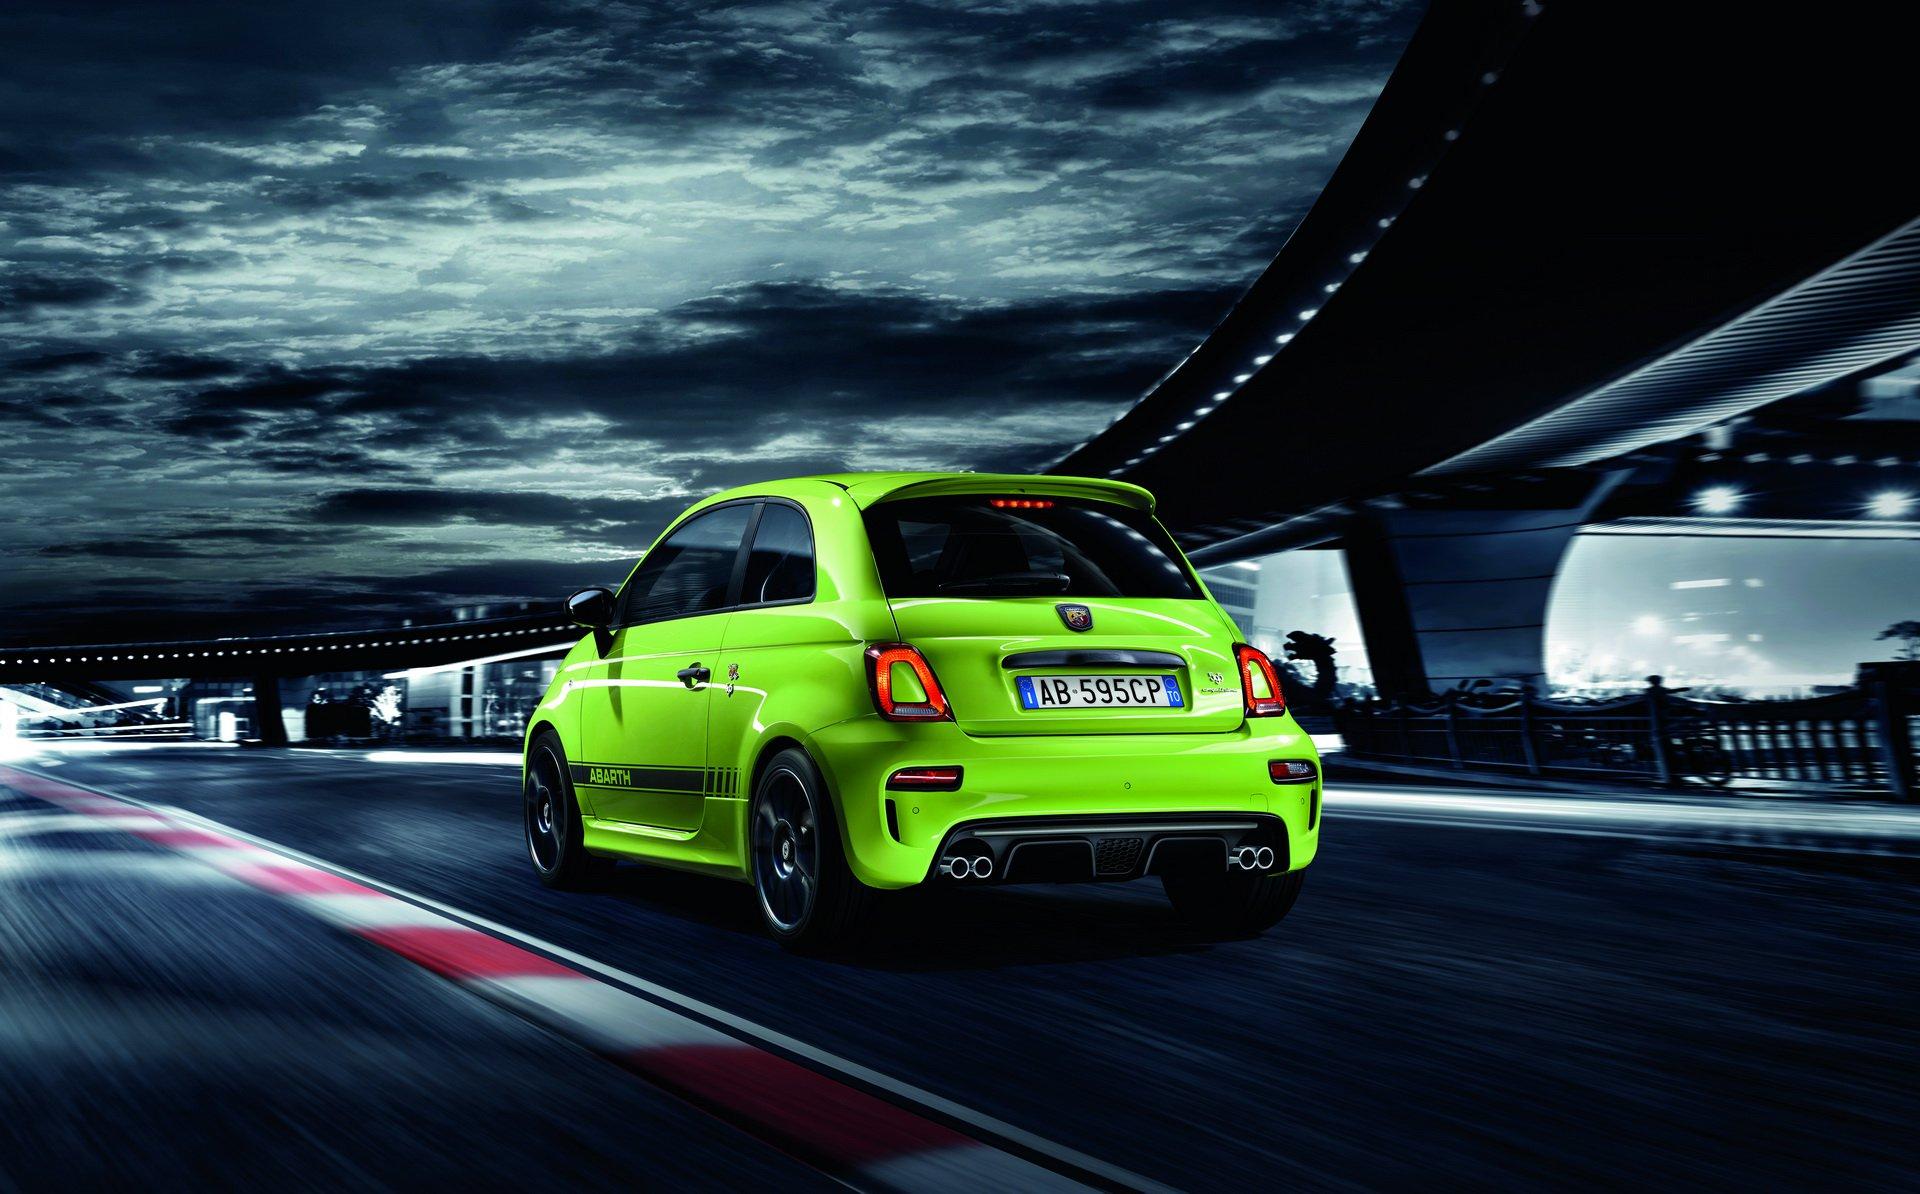 2019 Abarth 595 Competizione Packs 180 Ps Autoevolution